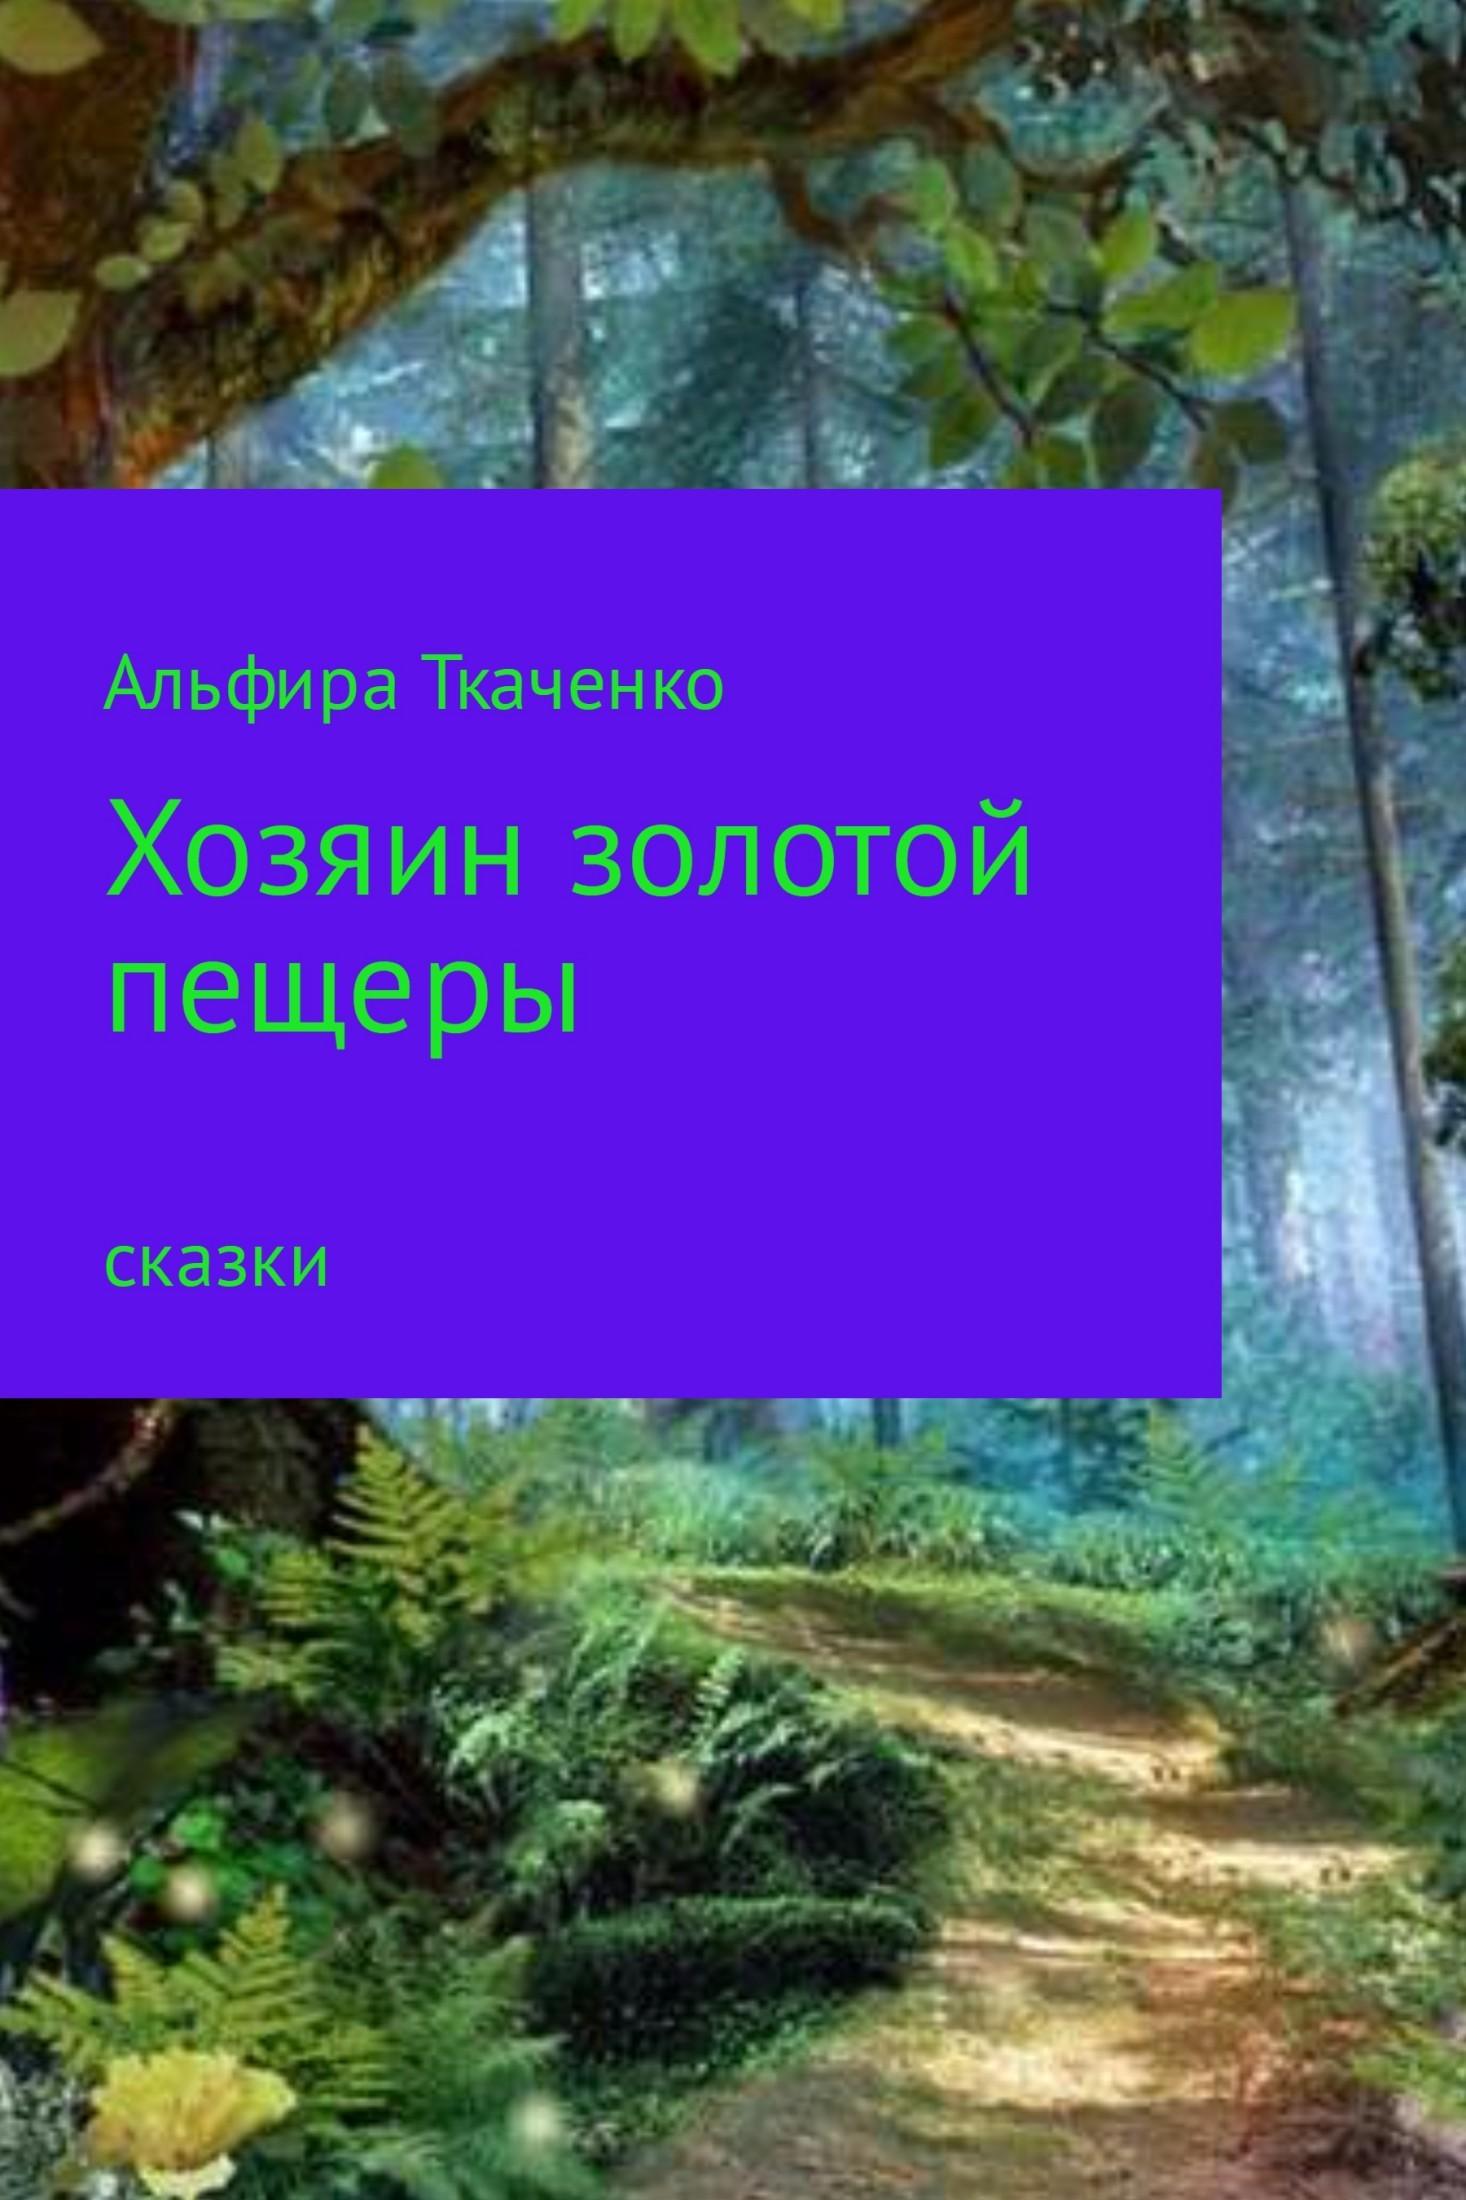 Альфира Федоровна Ткаченко Хозяин золотой пещеры хозяин уральской тайг